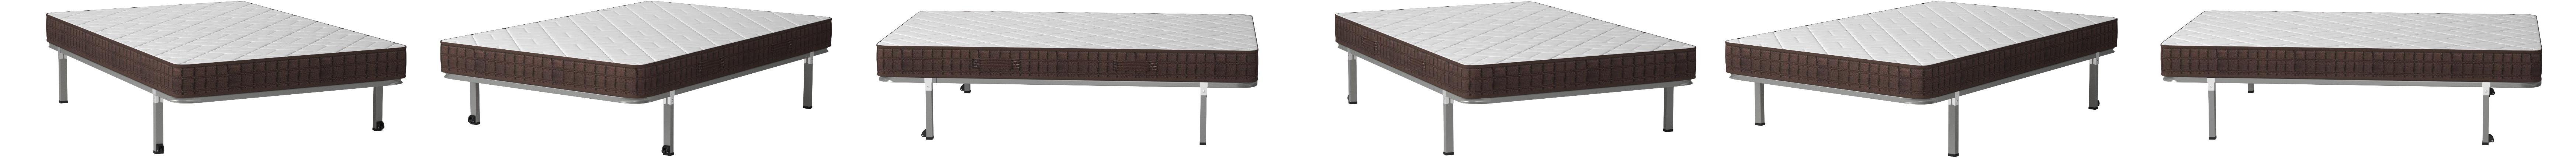 HOGAR24 ES Cama Completa-Colchón Viscobrown Reversible + Somier Basic + 4 Patas, 120x180